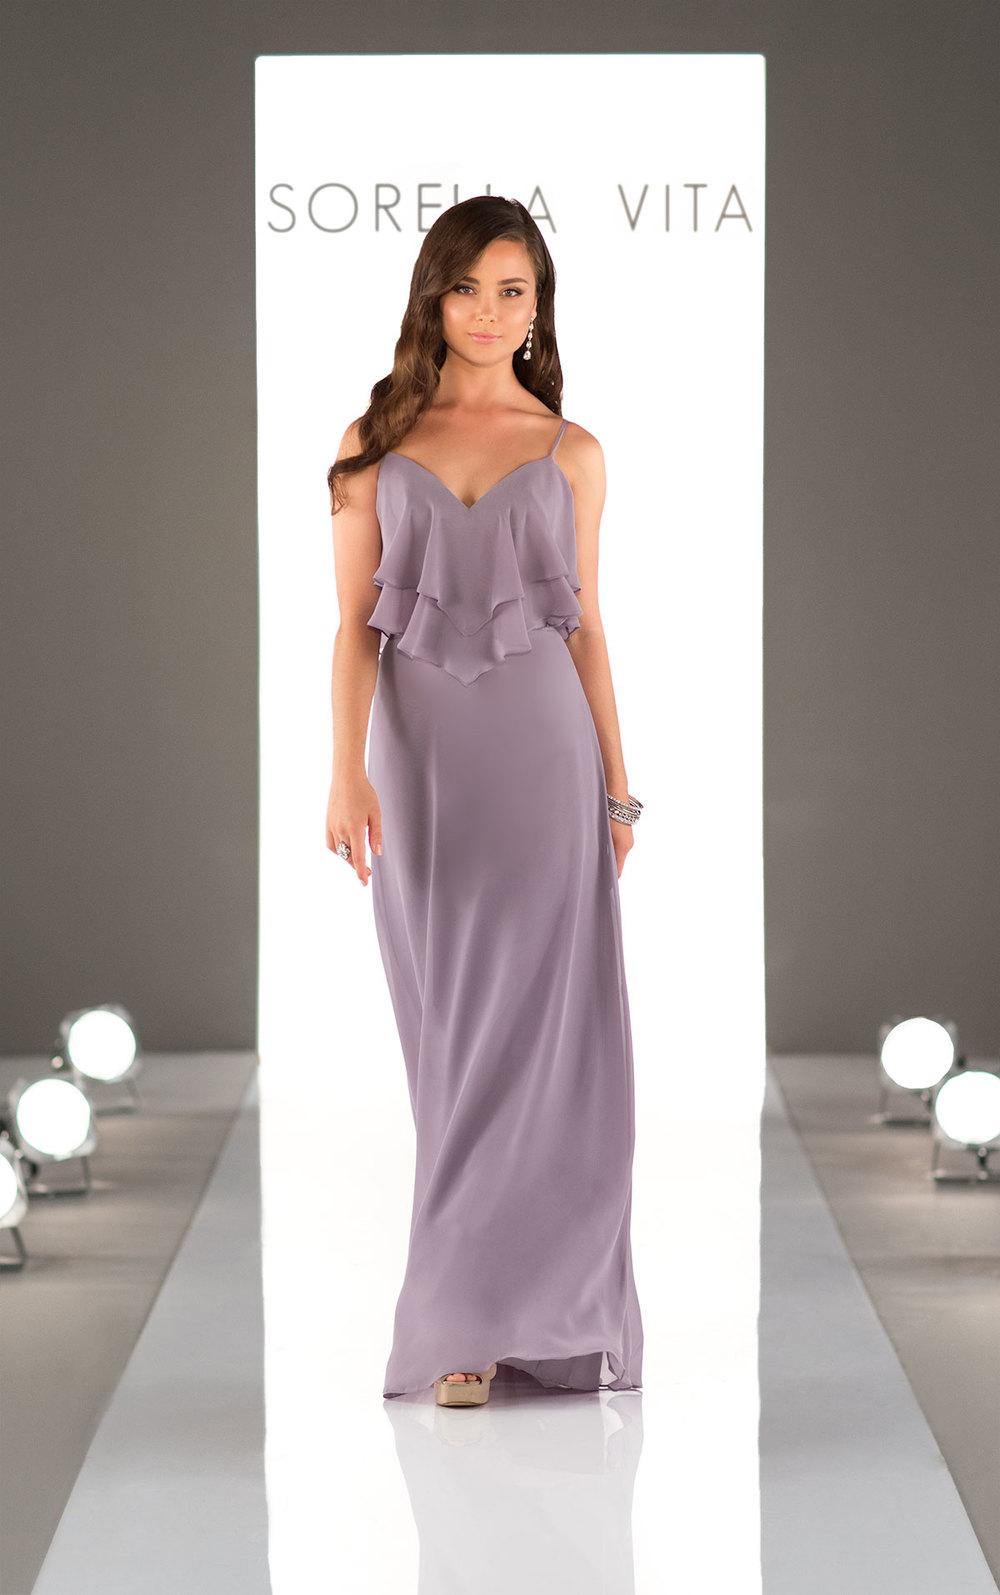 Sorella Vita Bridesmaids Find A Dress Bridal